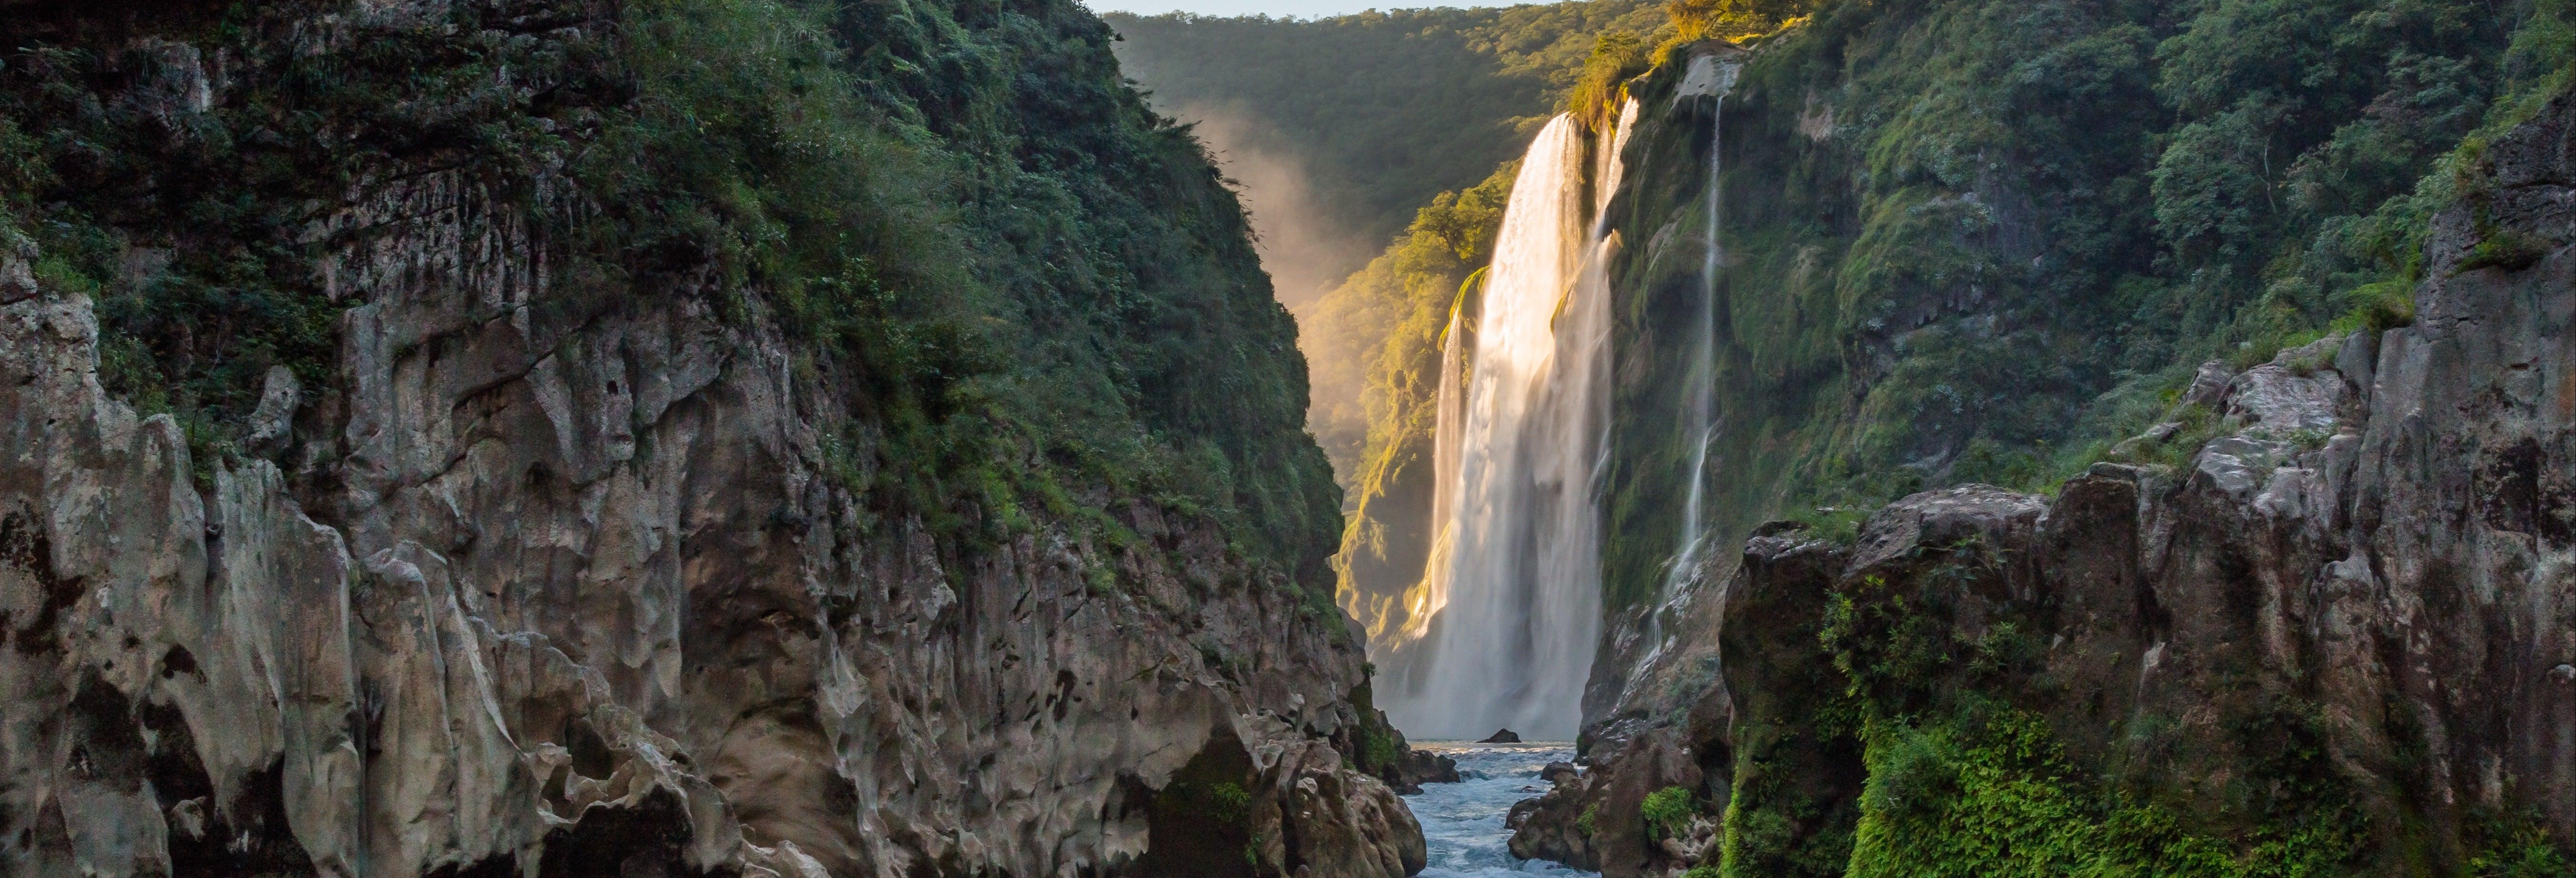 Rappel y salto en las Cascadas de la Huasteca